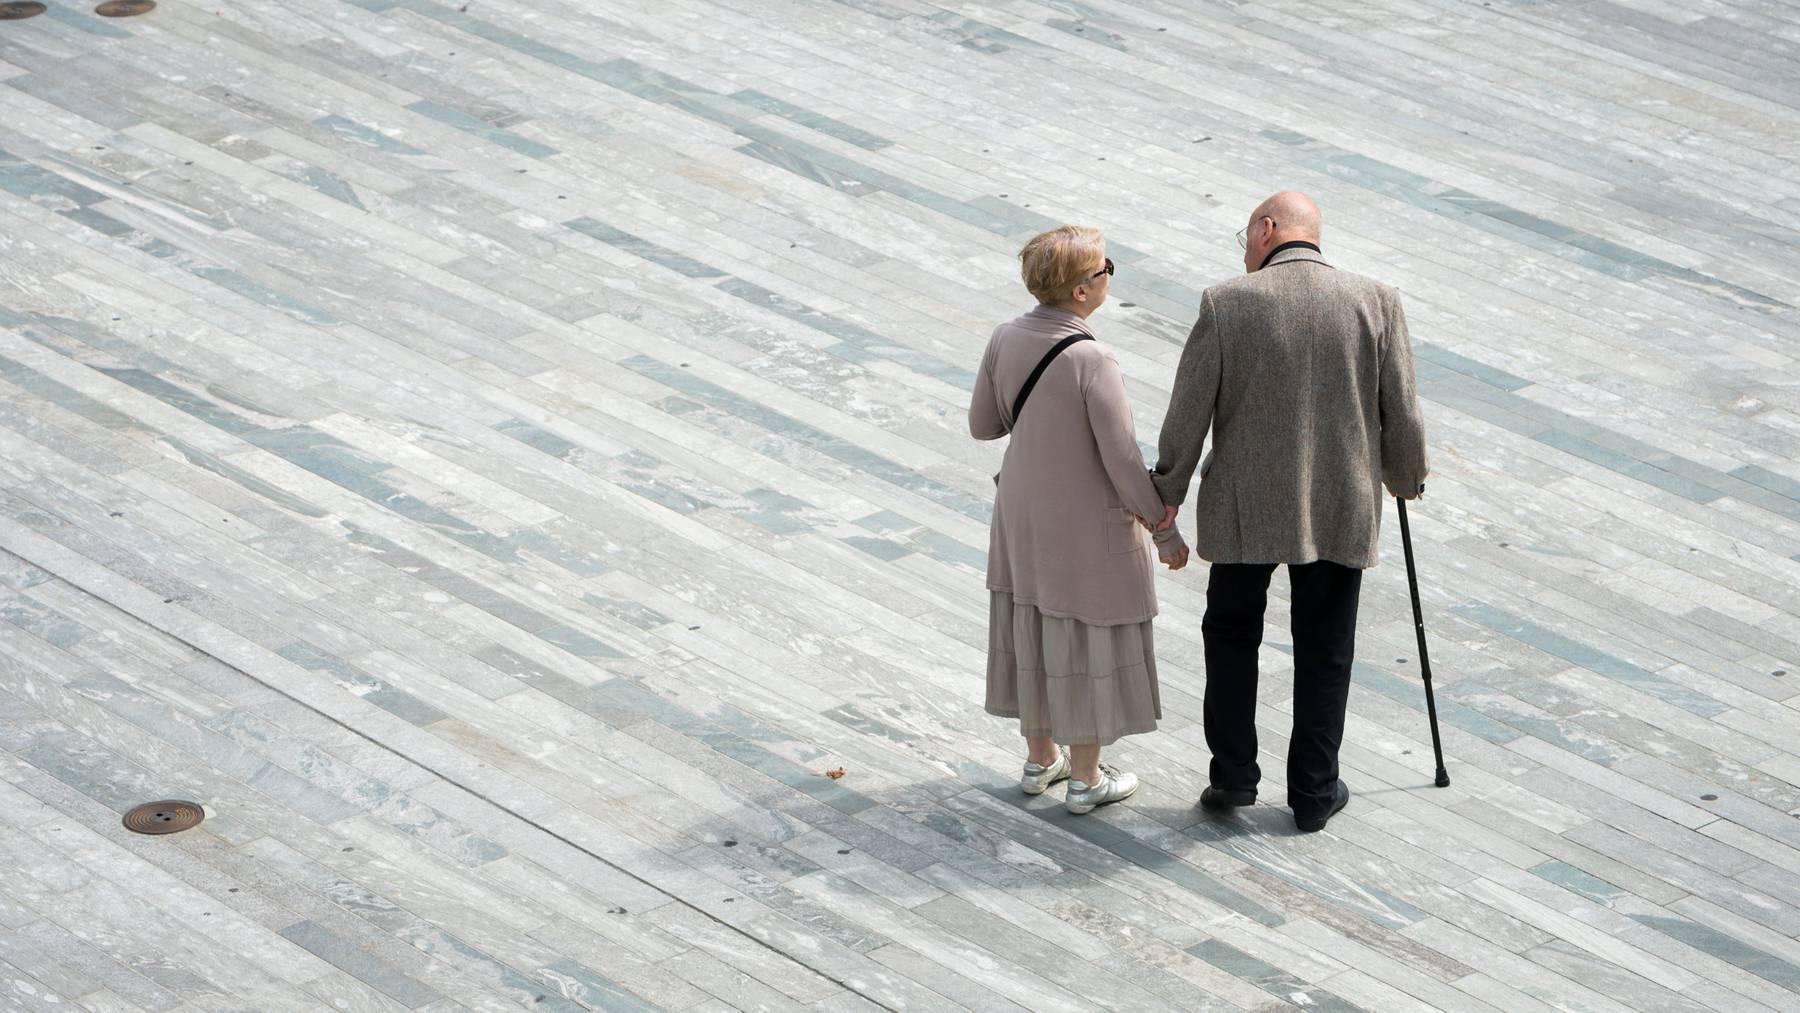 Obwohl der der Deckungsgrad der Pensionsverpflichtungen in den führenden Schweizer Unternehmen gestiegen ist, bleiben die Aussichten wegen der Coronakrise getrübt (Symbolbild)